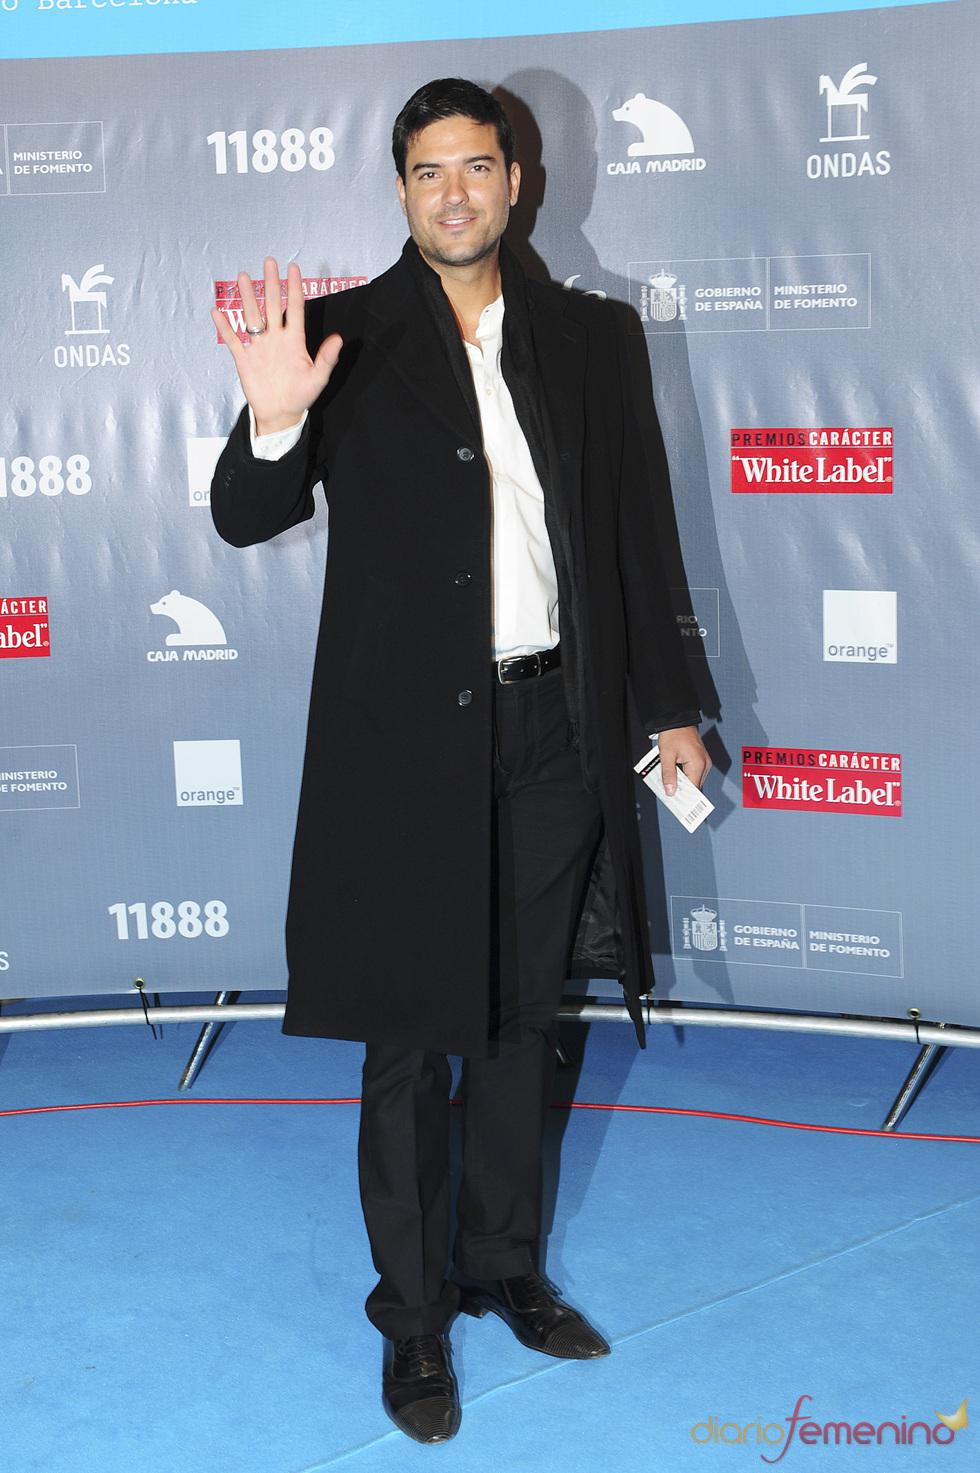 Javier Estrada durante los premios Ondas 2010